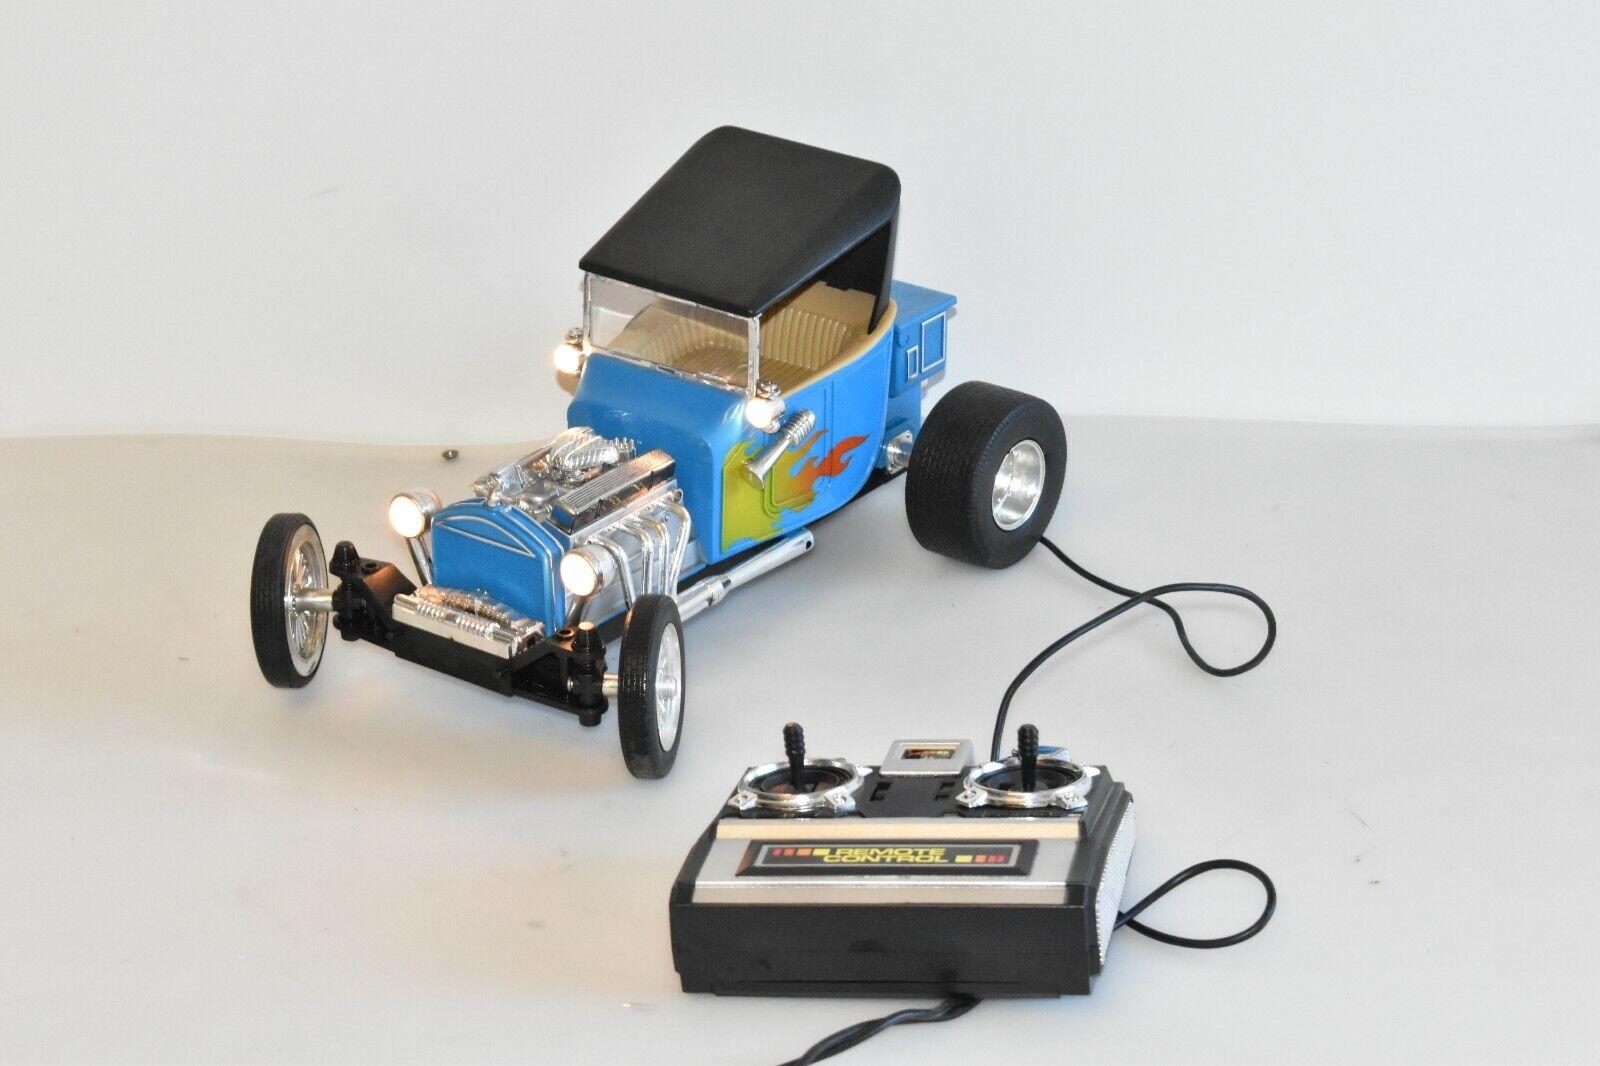 Vintage Toy  State Hot Rod l3  grande remise